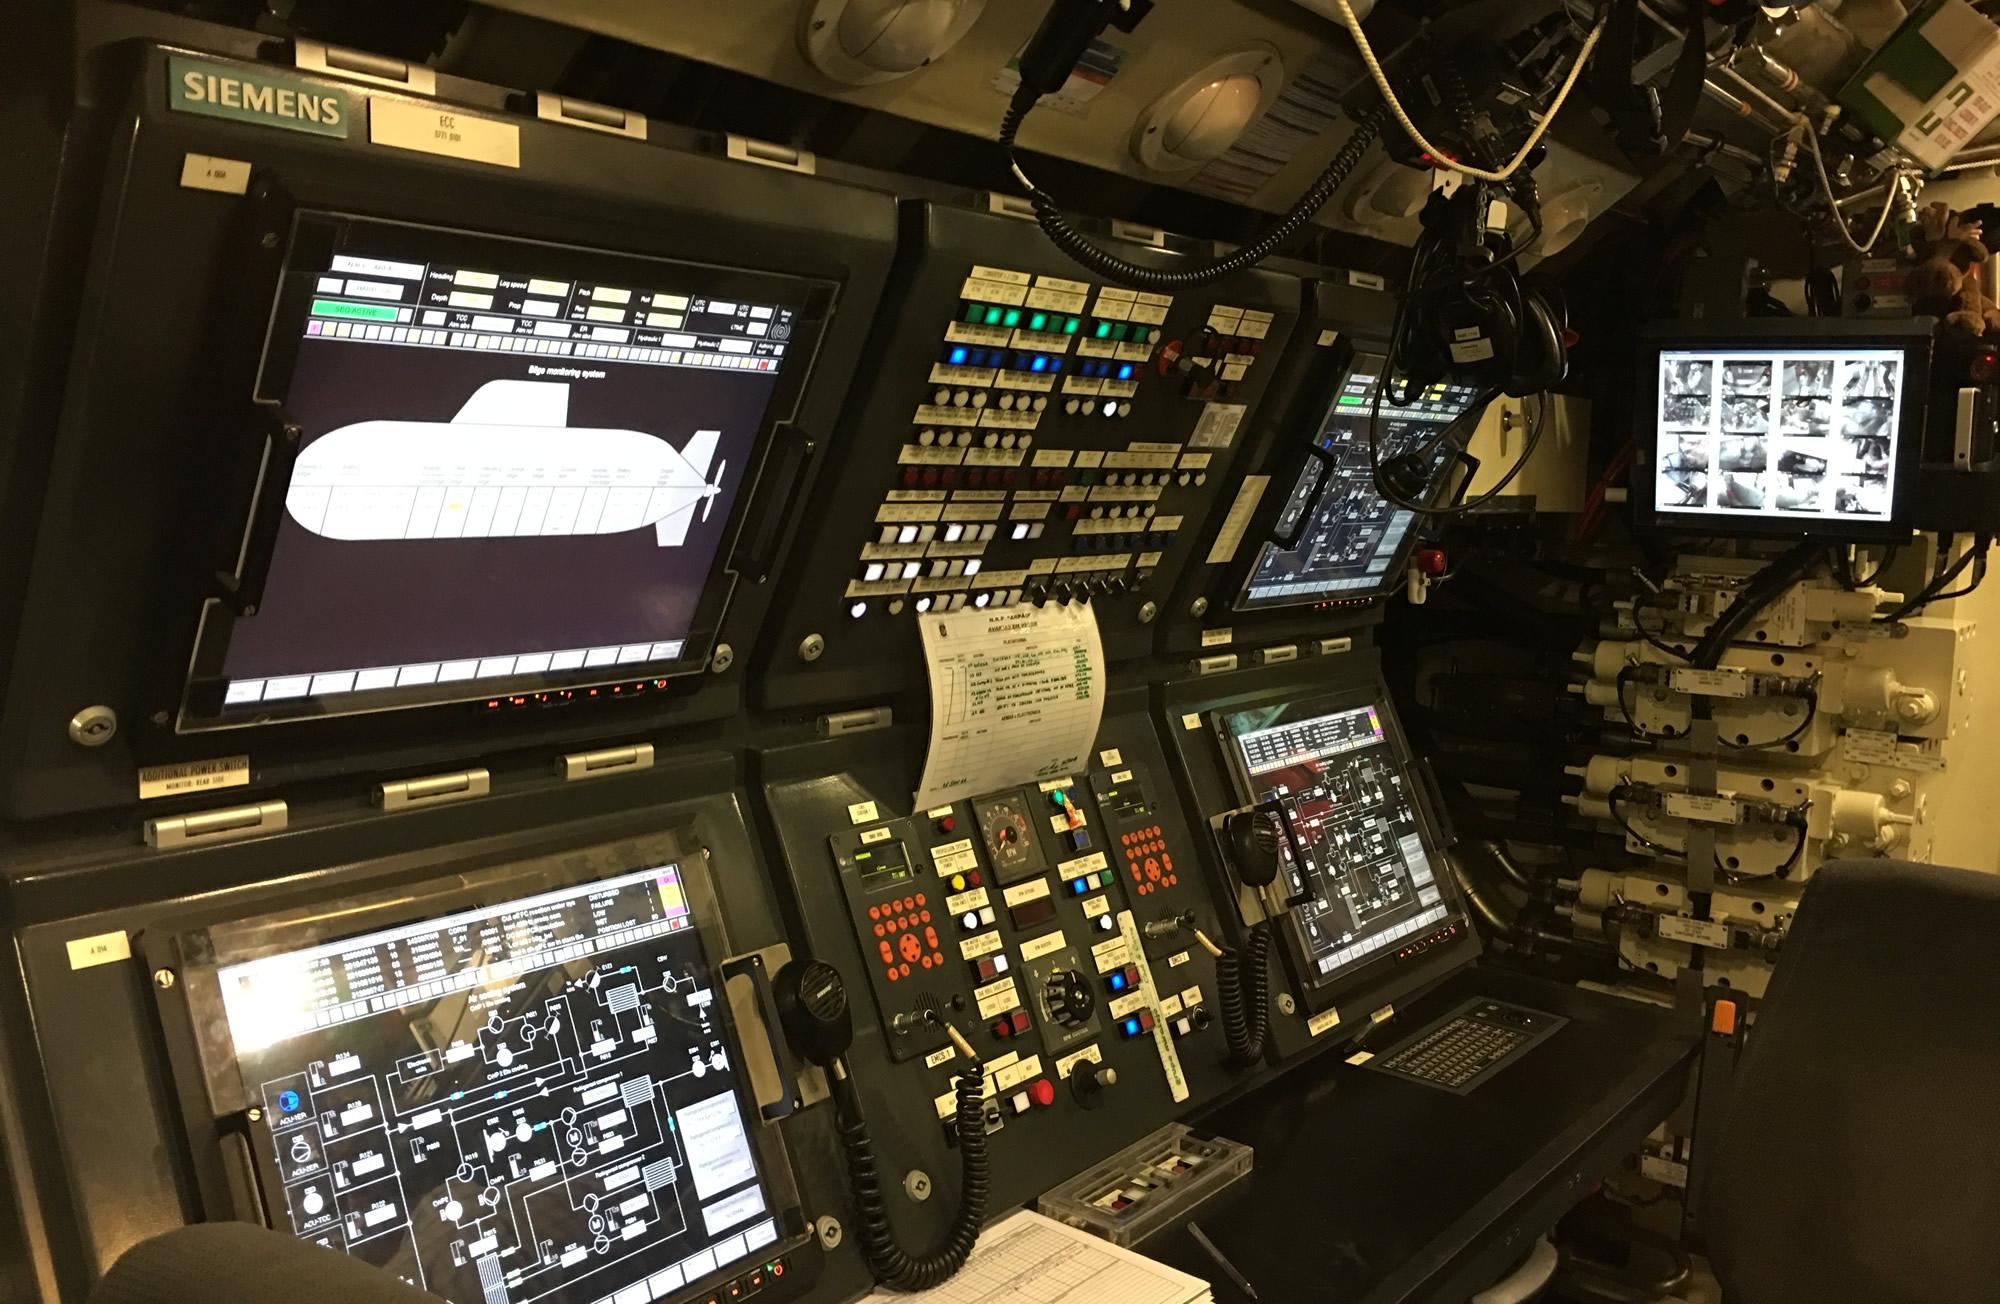 A navegação nos submarinos da classe Tridente